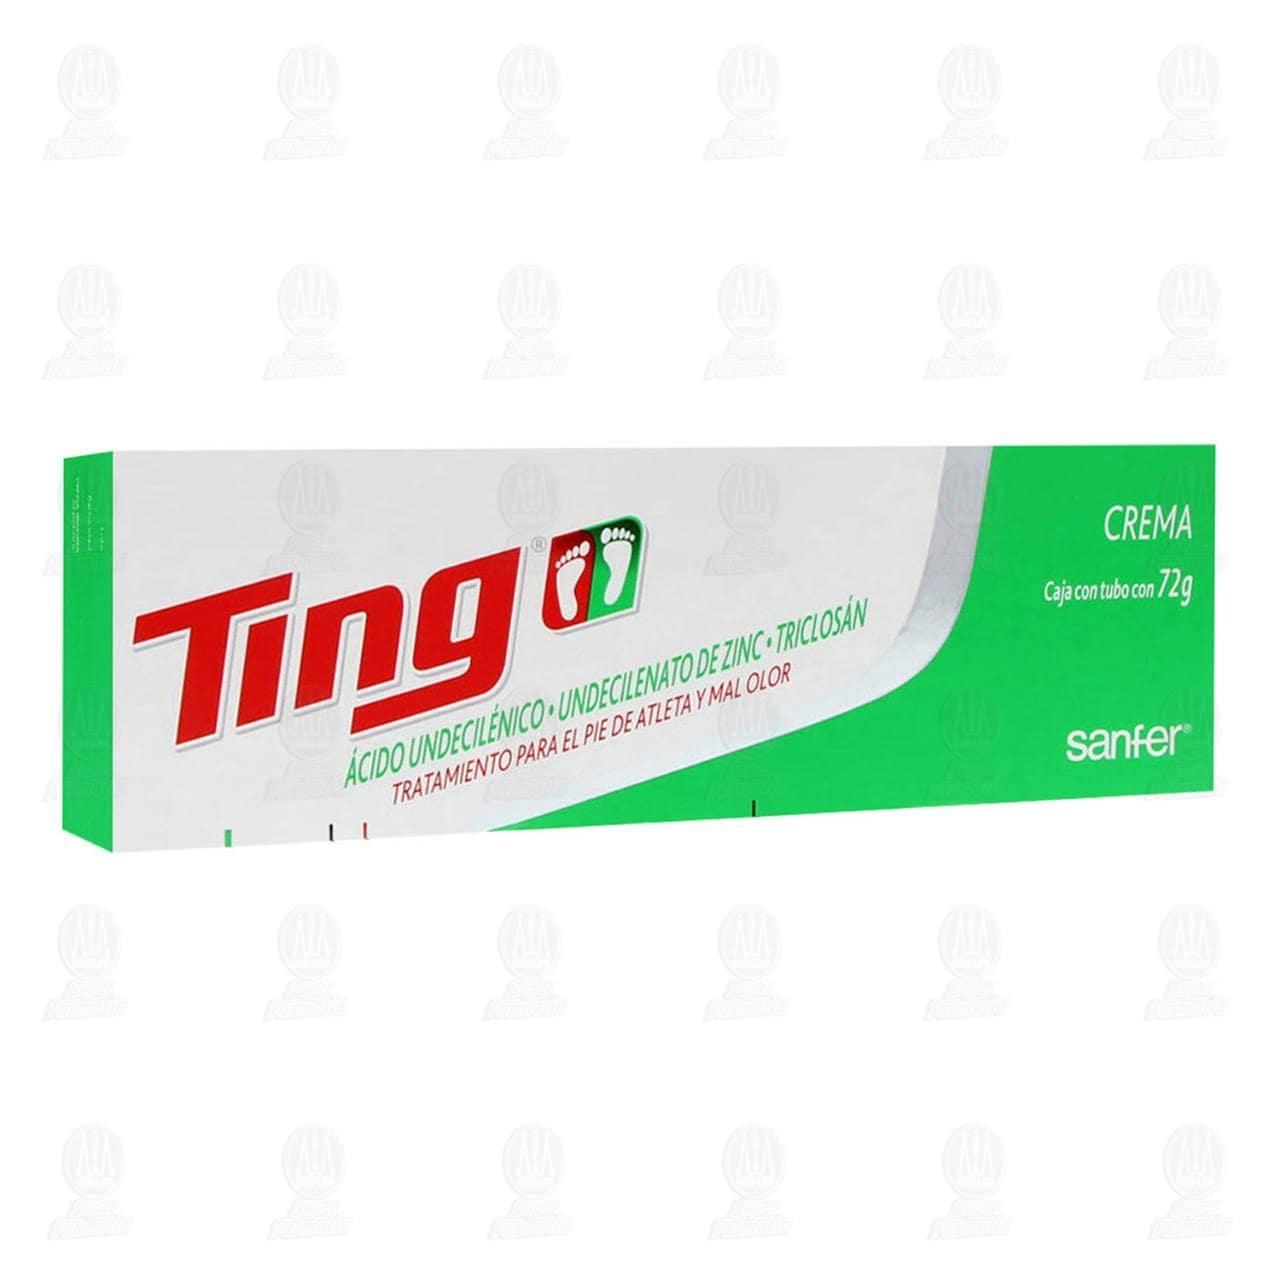 comprar https://www.movil.farmaciasguadalajara.com/wcsstore/FGCAS/wcs/products/122904_A_1280_AL.jpg en farmacias guadalajara